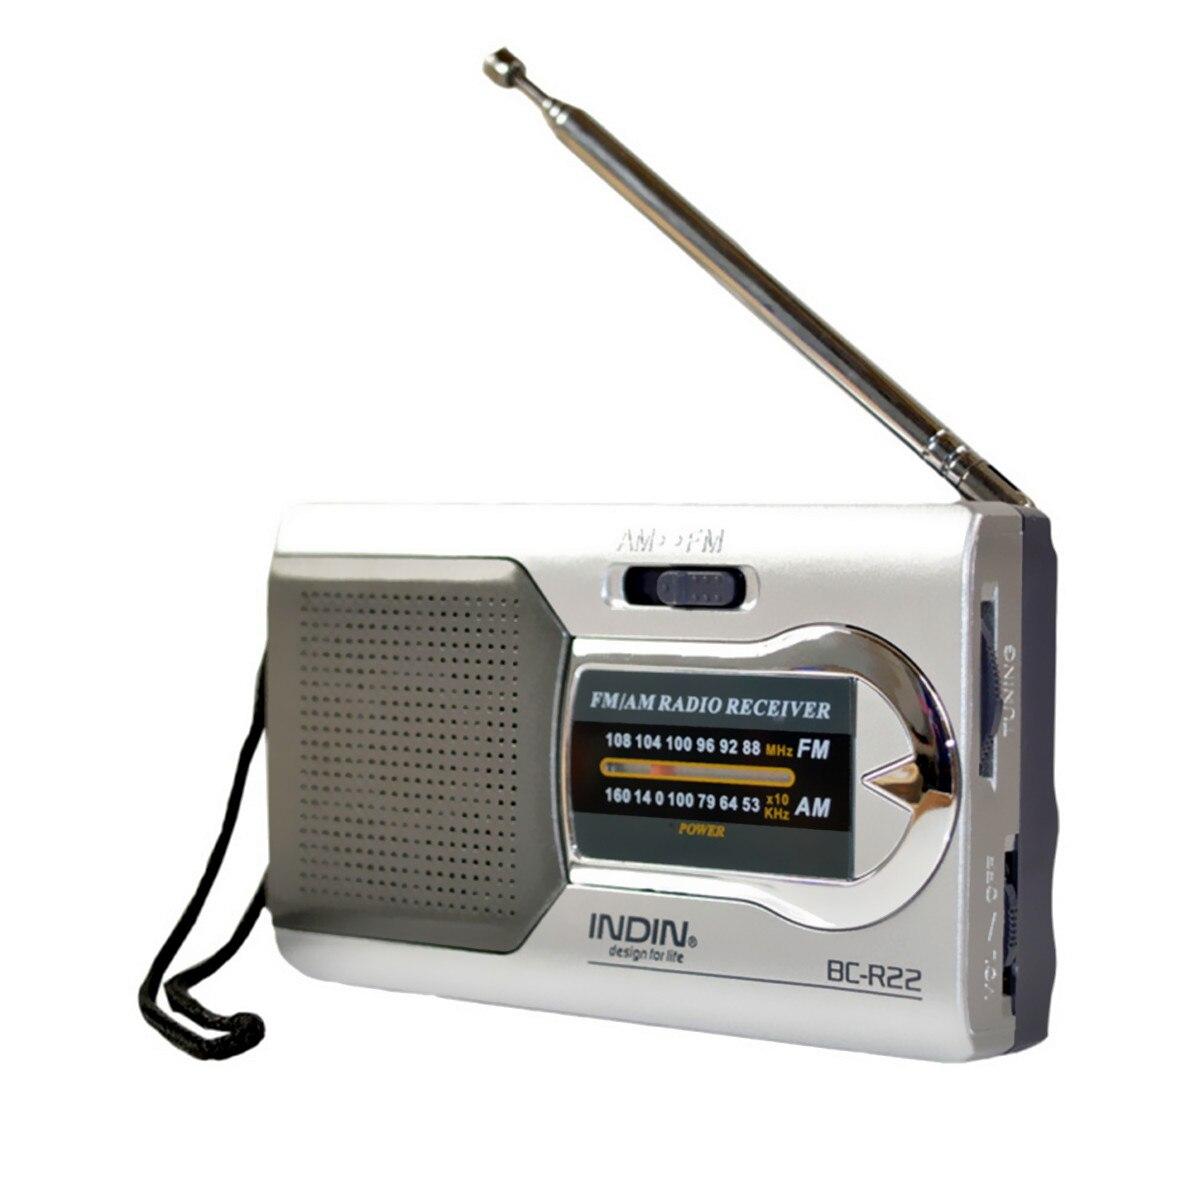 INDIN Argent Mini Portable AM/FM Télescopique Antenne Radio